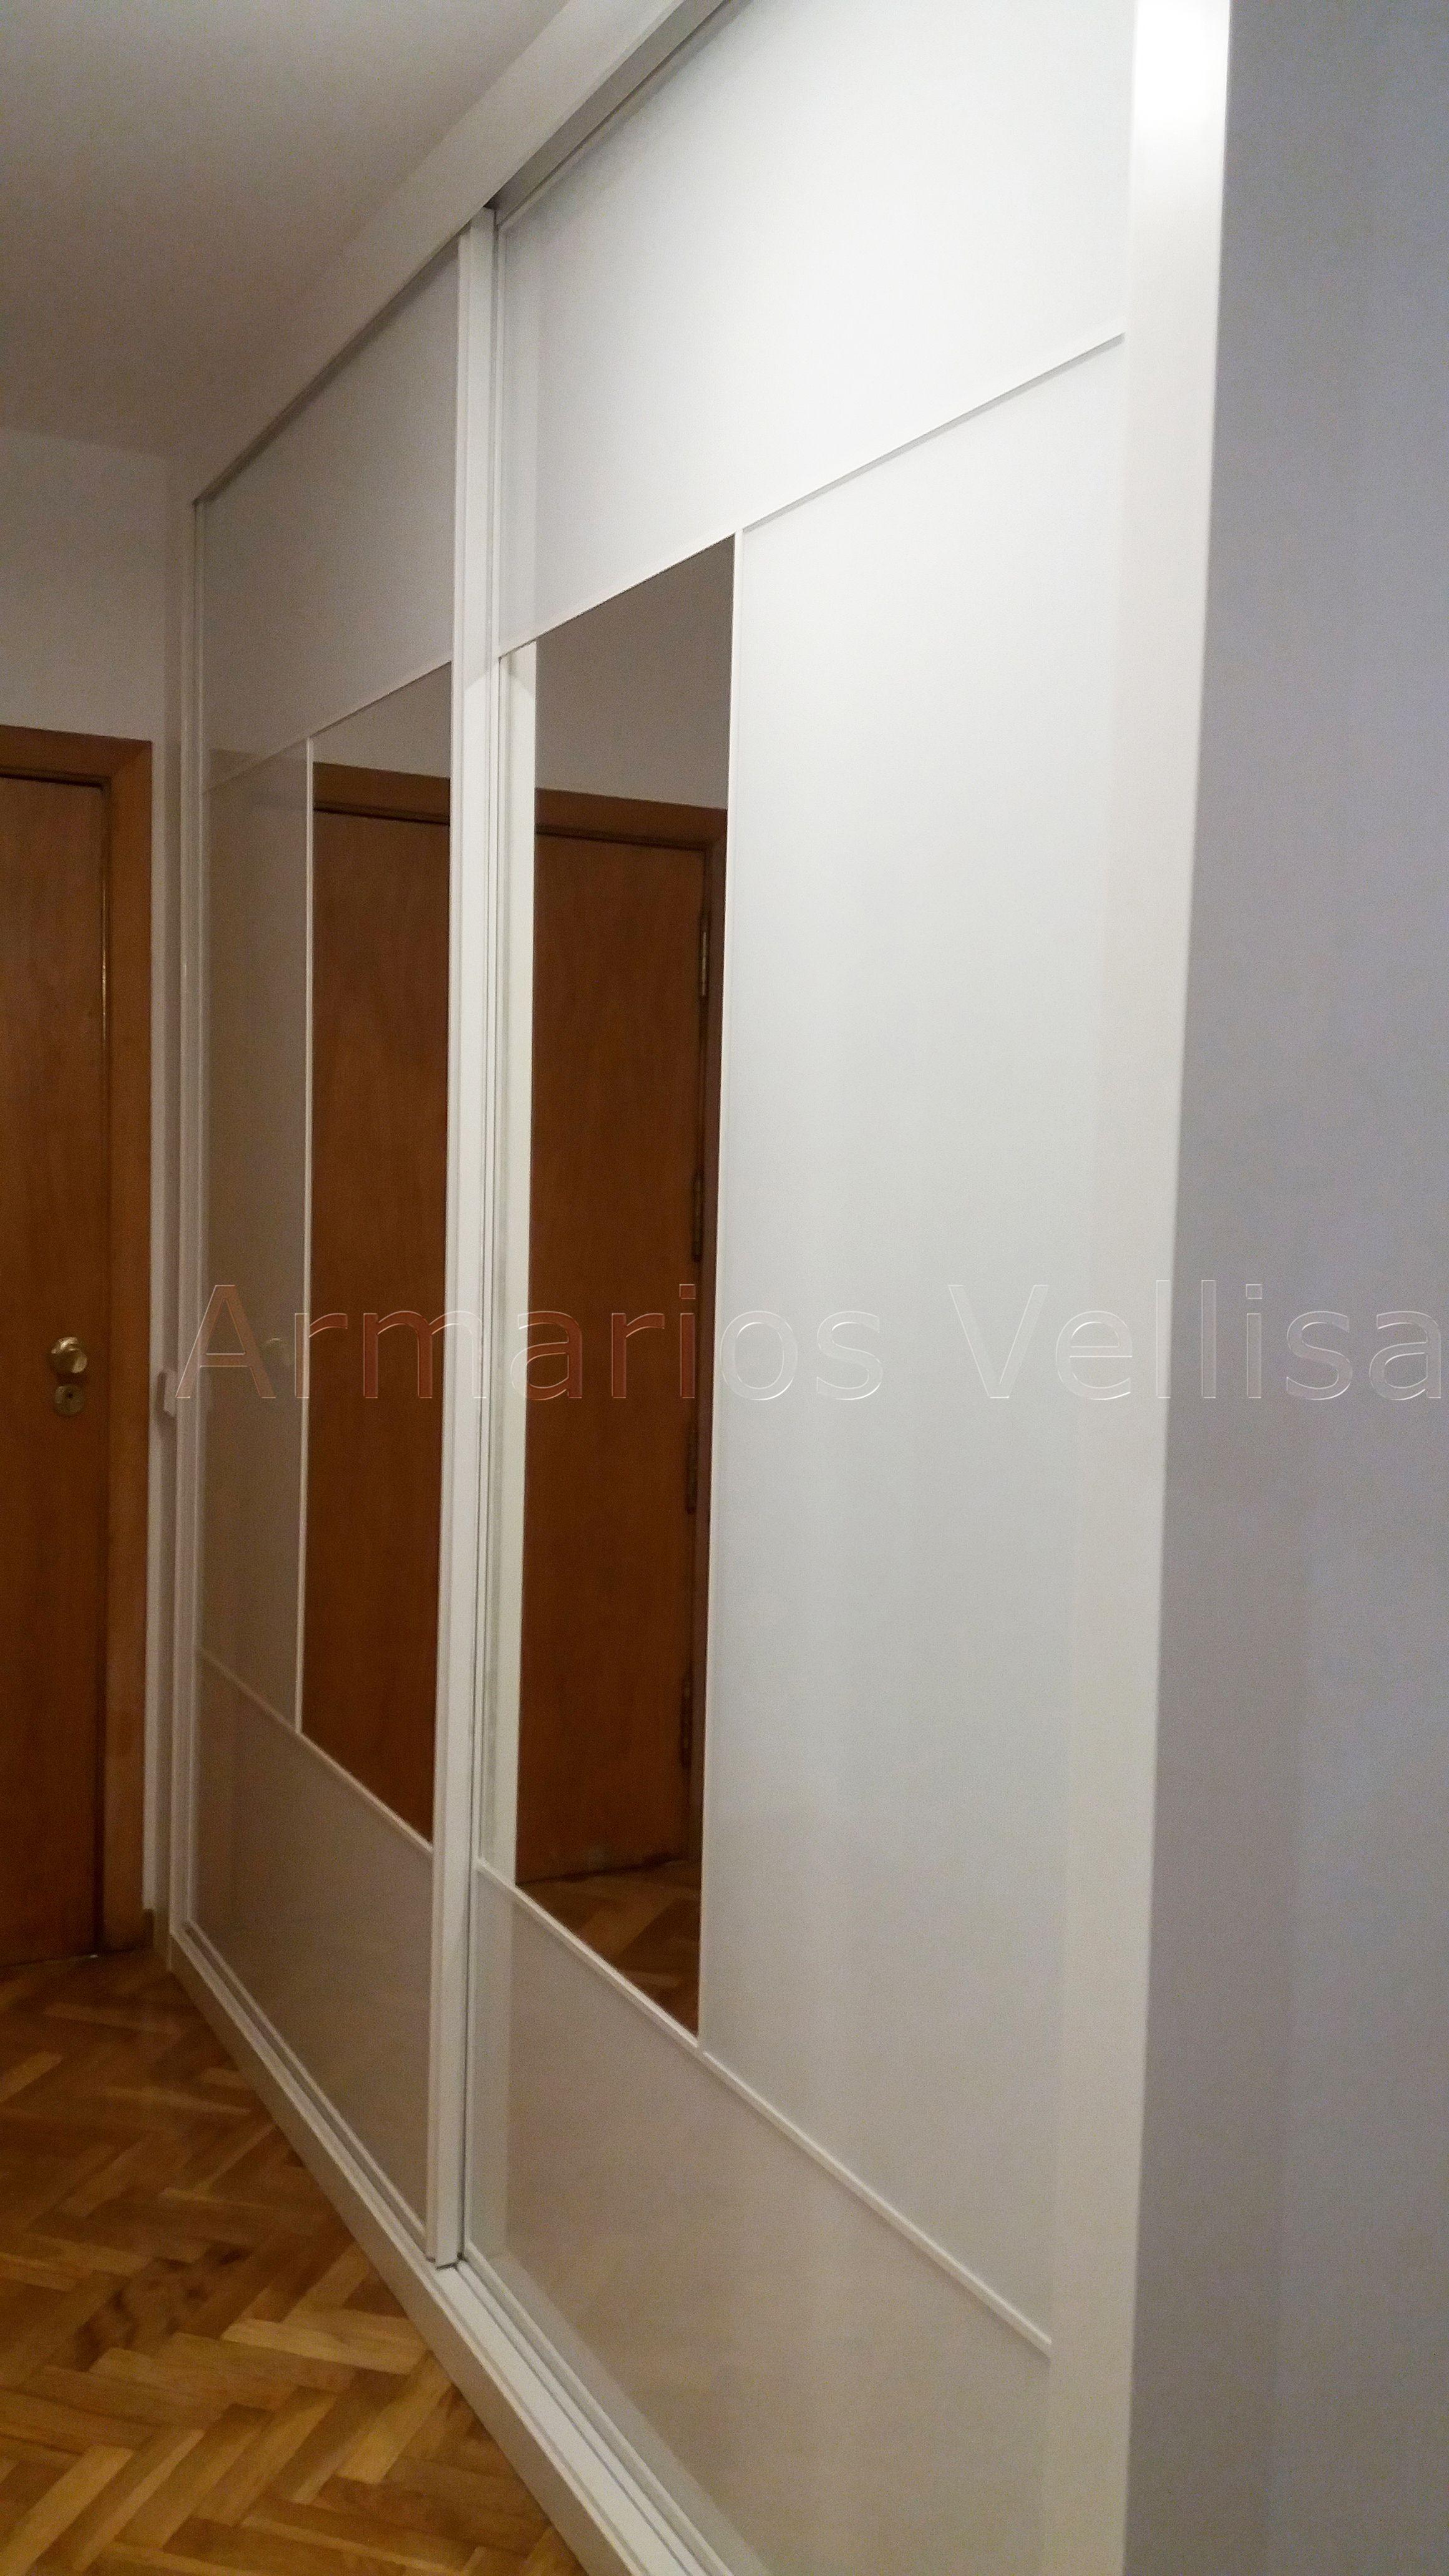 Armario empotrado en dormitorio principal. Frente de armario de ...